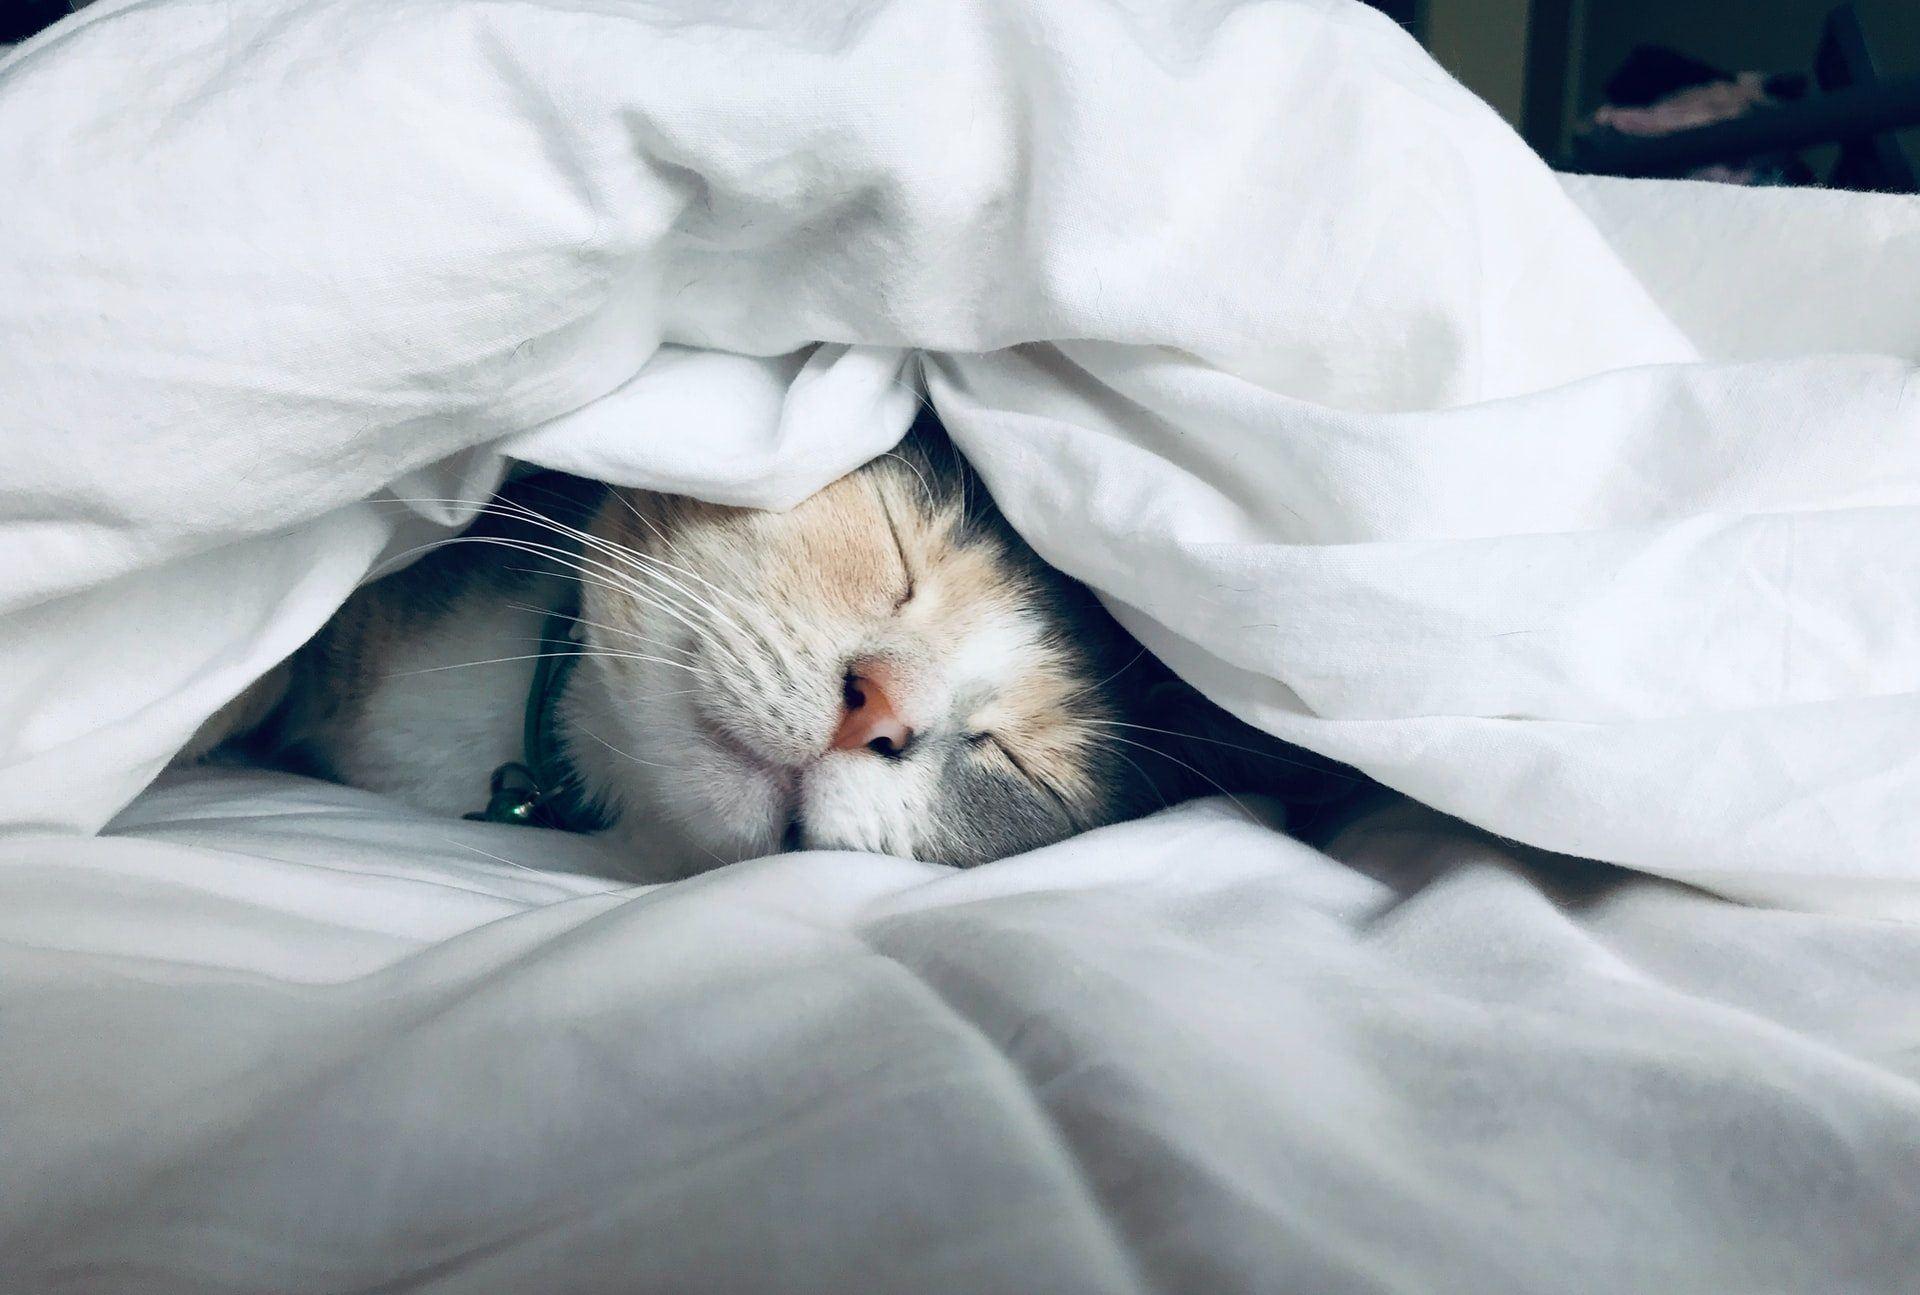 Pet sleep